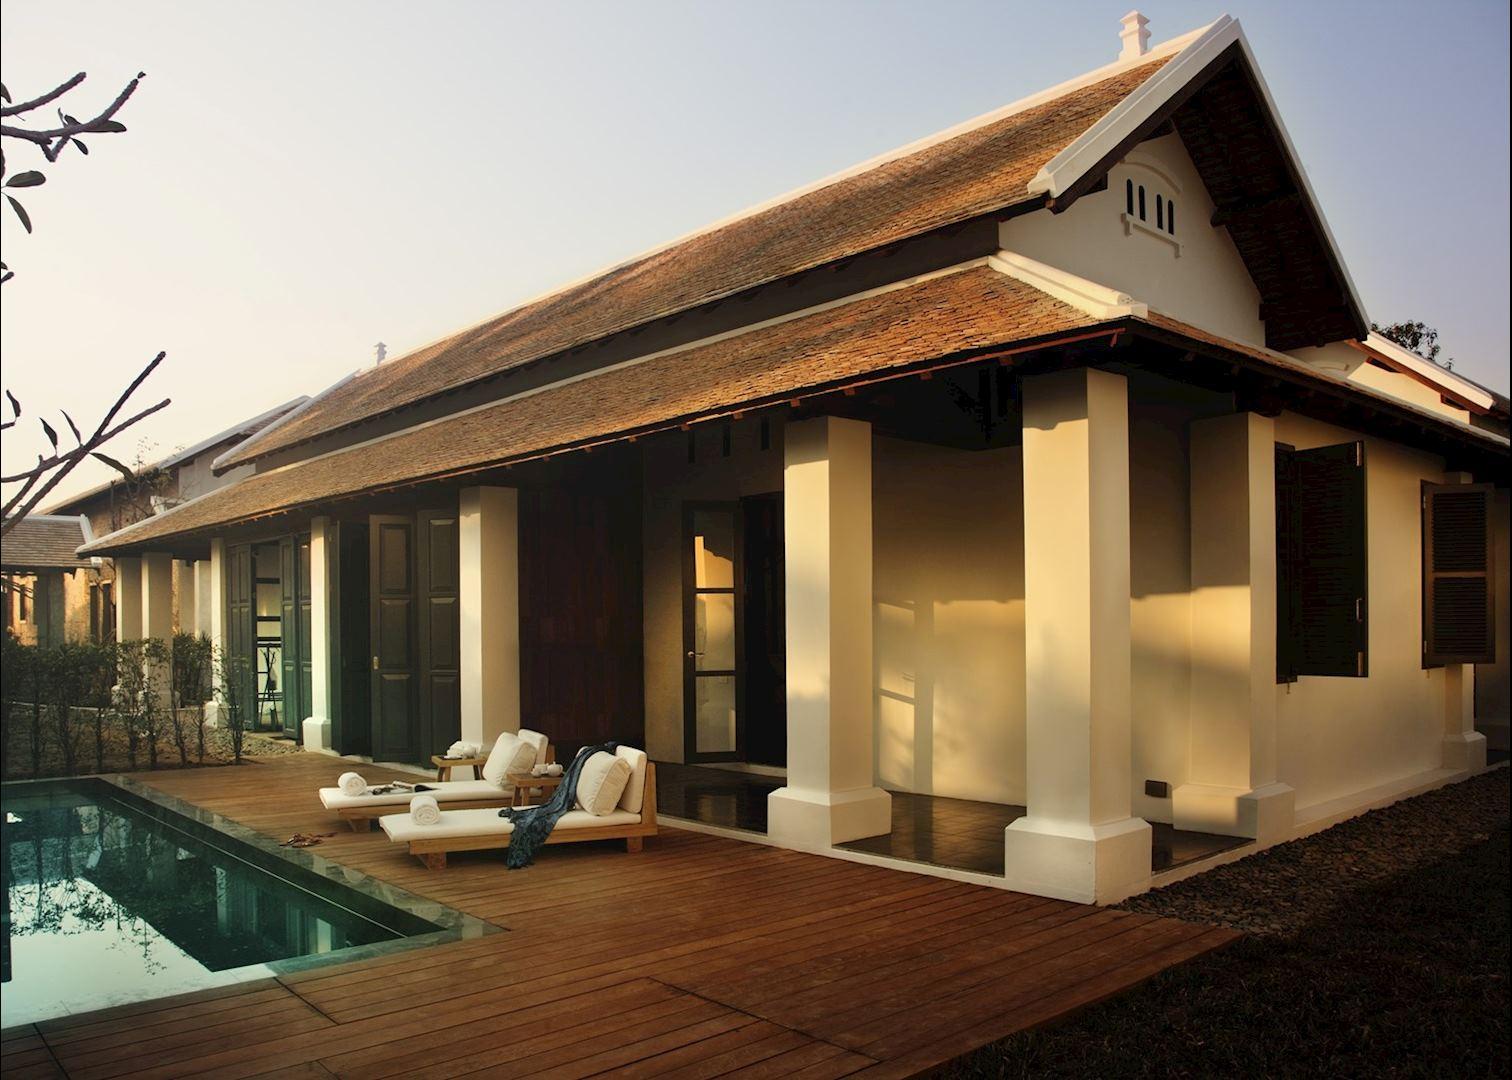 sofitel luang prabang hotels in luang prabang audley travel. Black Bedroom Furniture Sets. Home Design Ideas